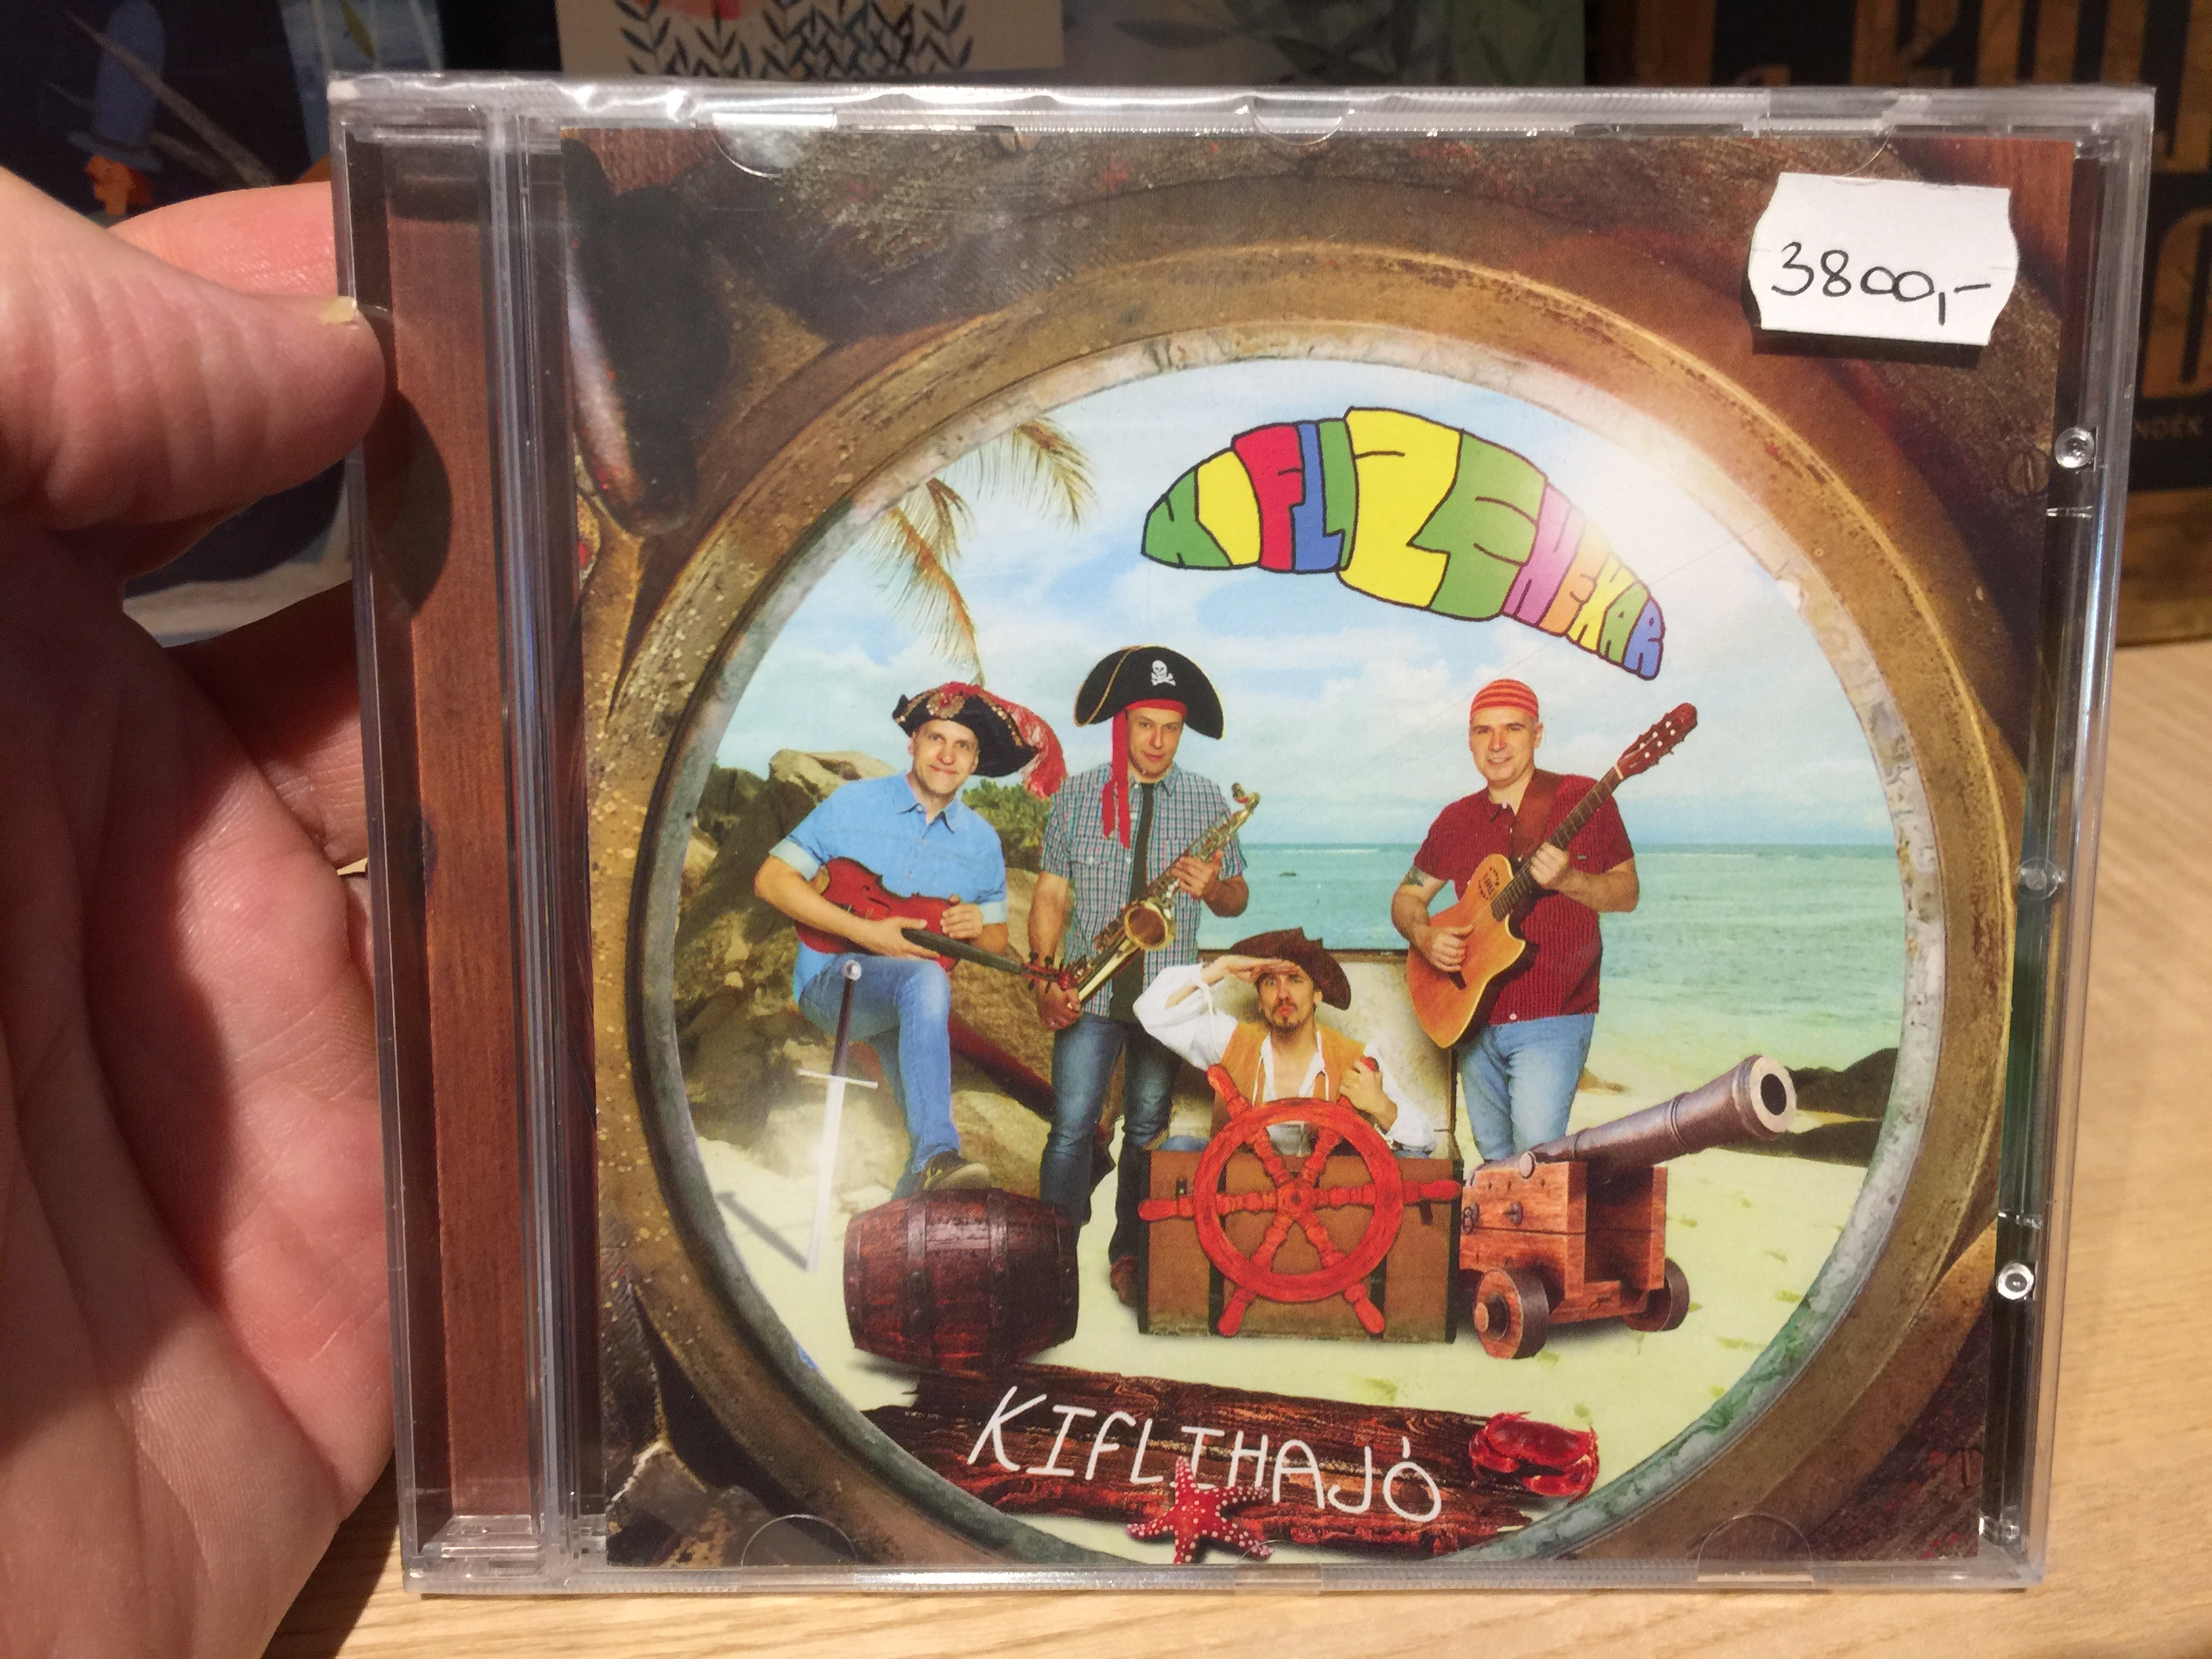 kiflizenekar-kiflihajo-audio-cd-5998856550052-1-.jpg